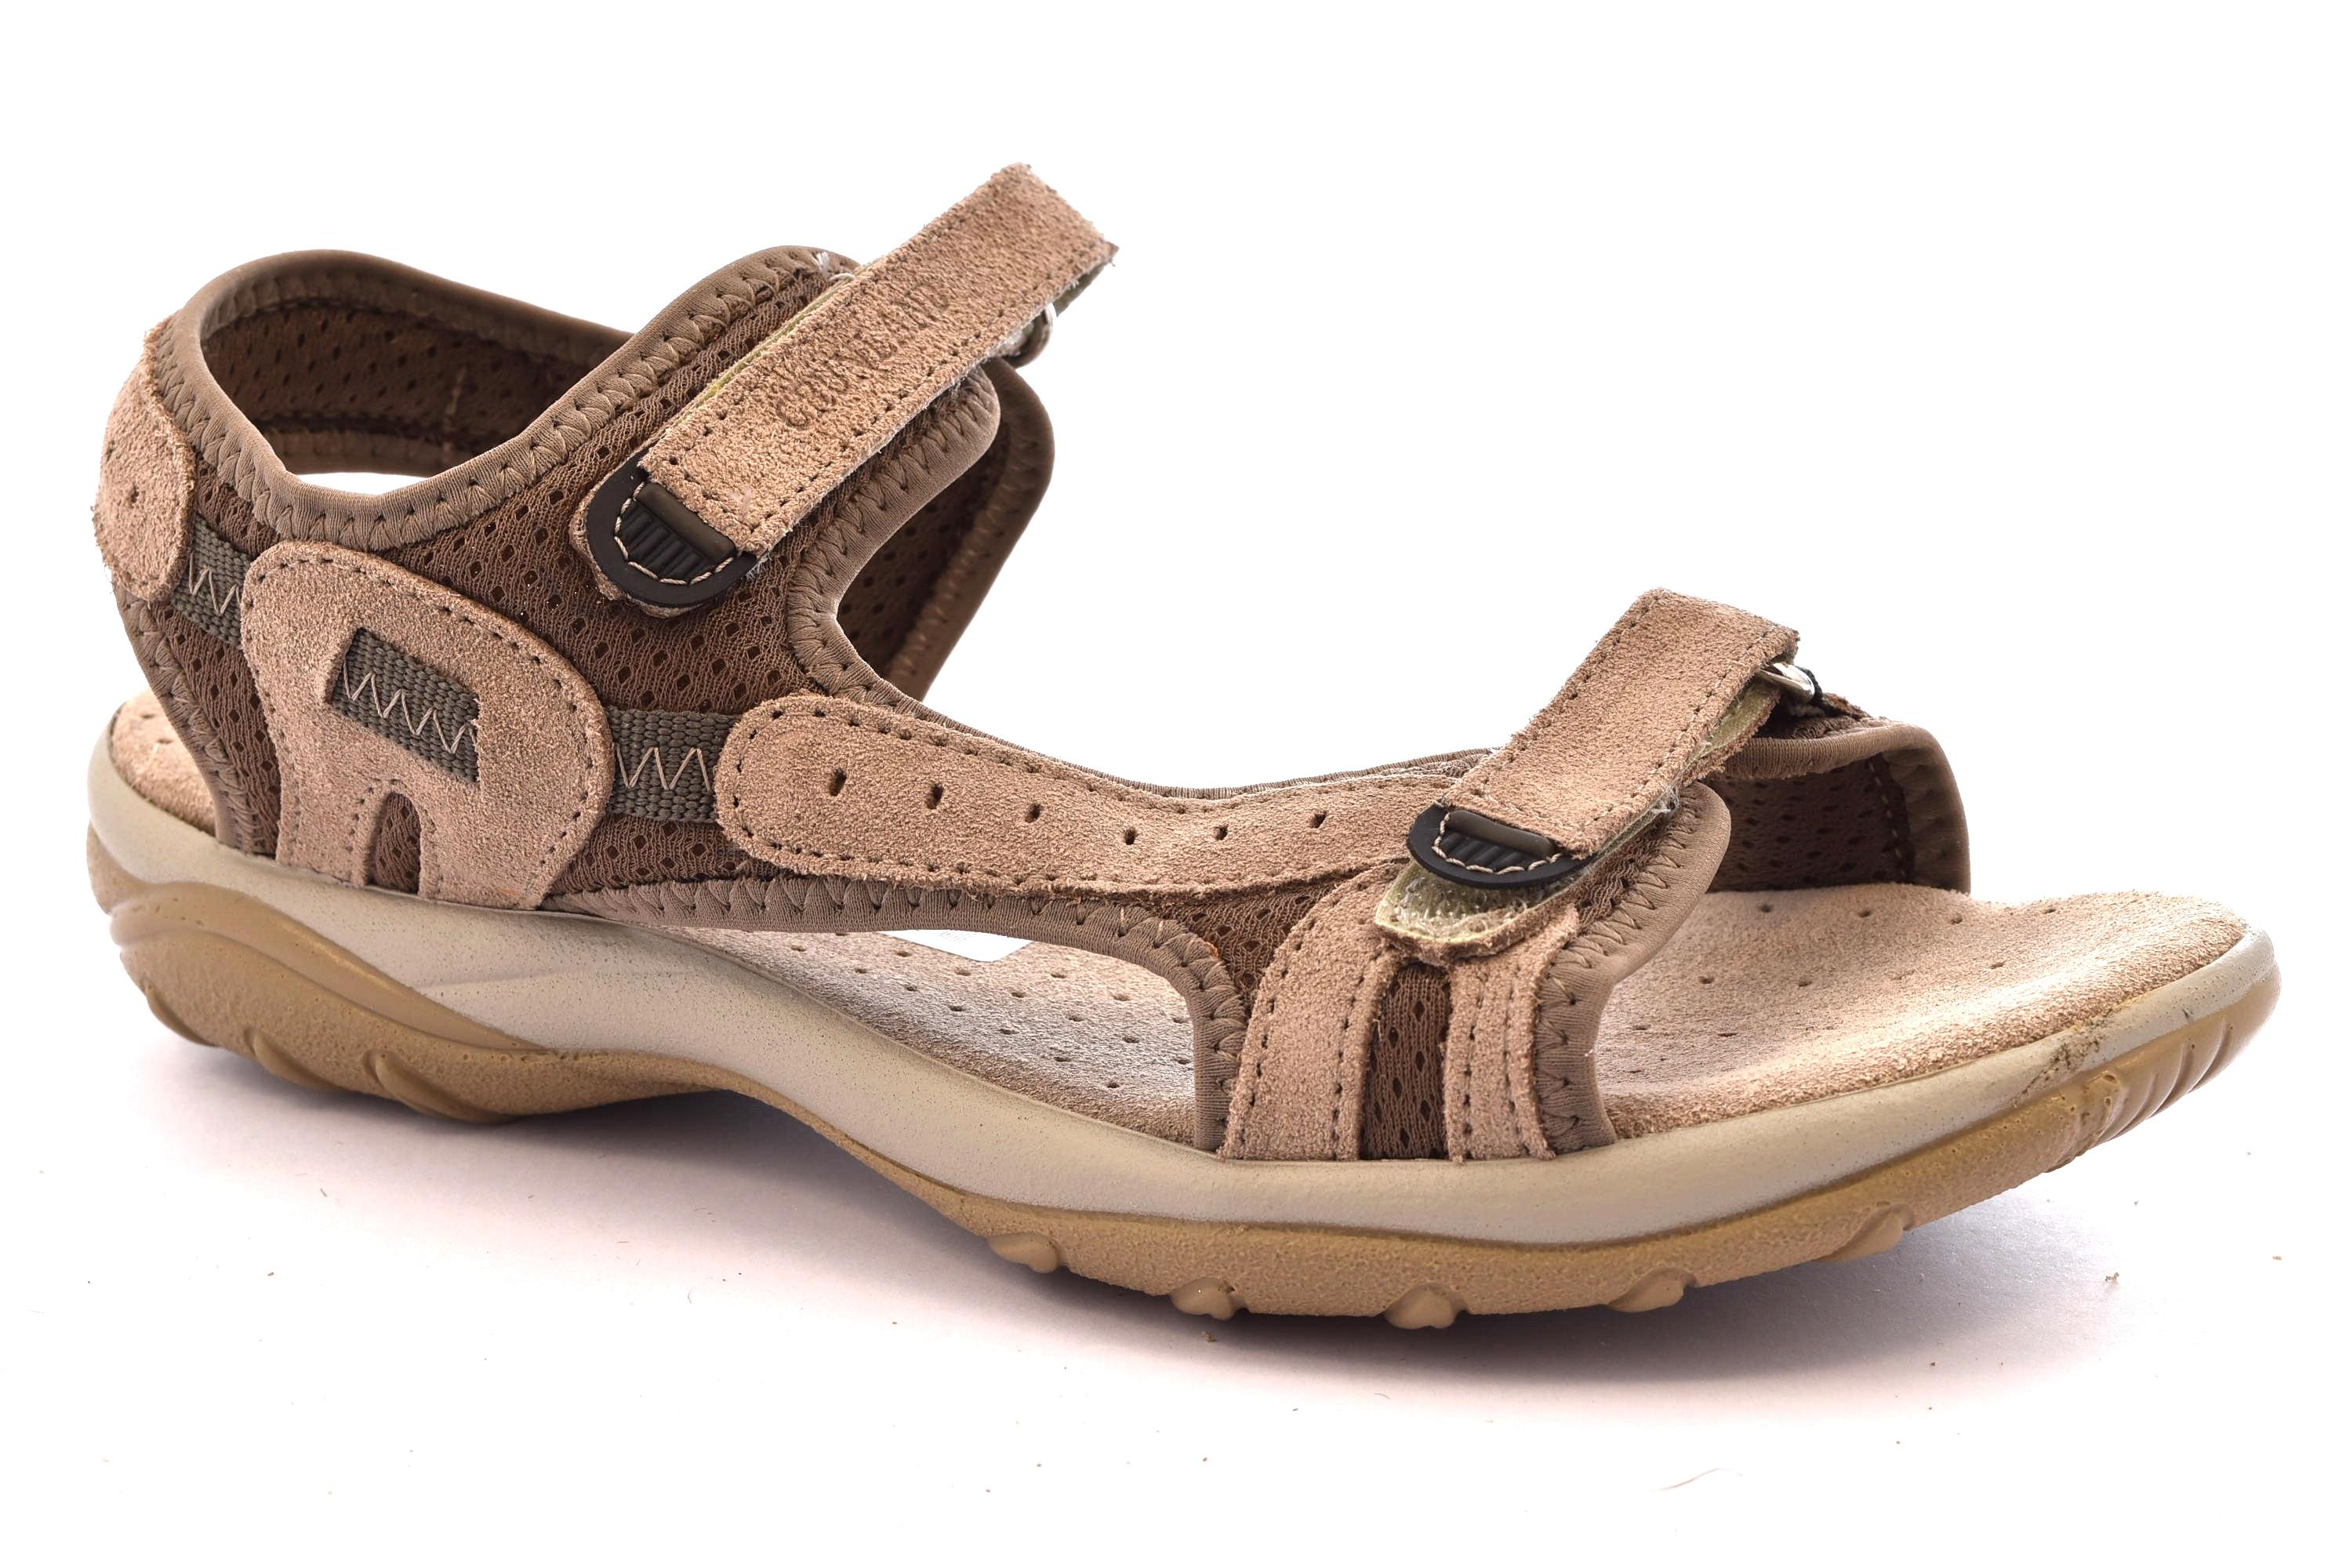 ... GRUNLAND OLLY SA1585 75 BEIGE TERRA scarpe sandali donna sportivi  strappo ... 95677d889cf